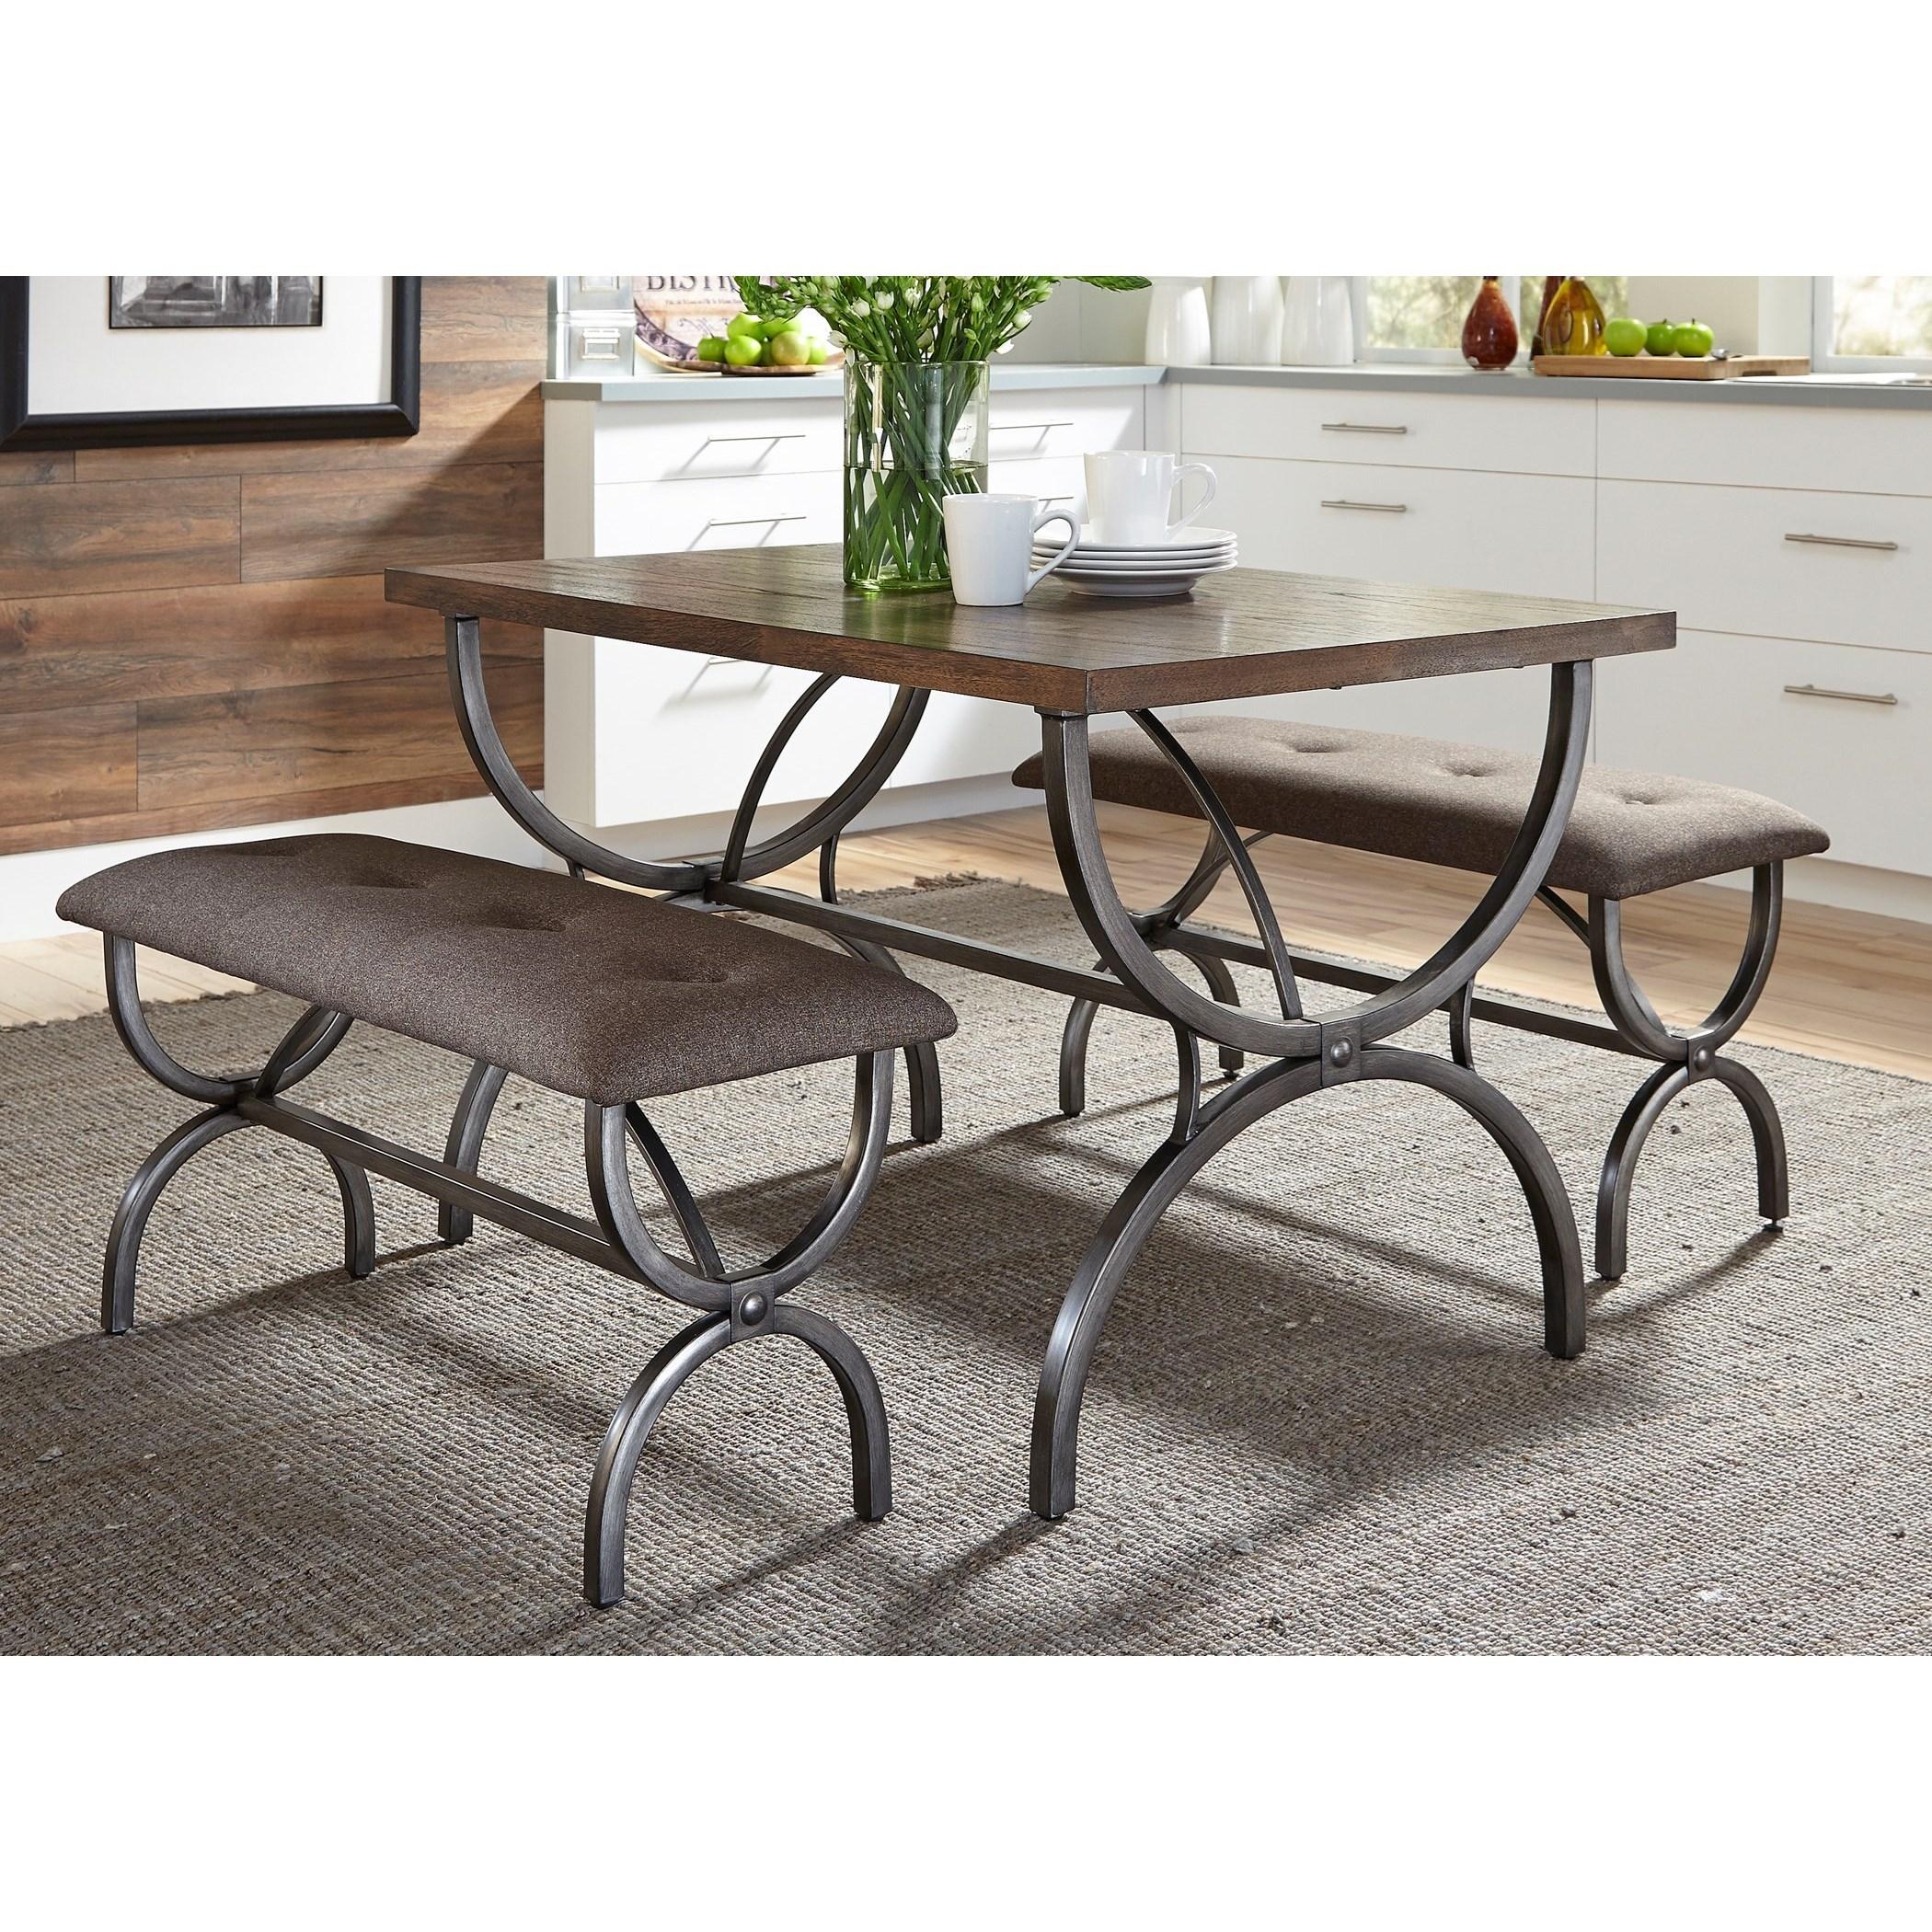 Liberty Furniture Monroe Dining 3 Piece Rectangular Table Set